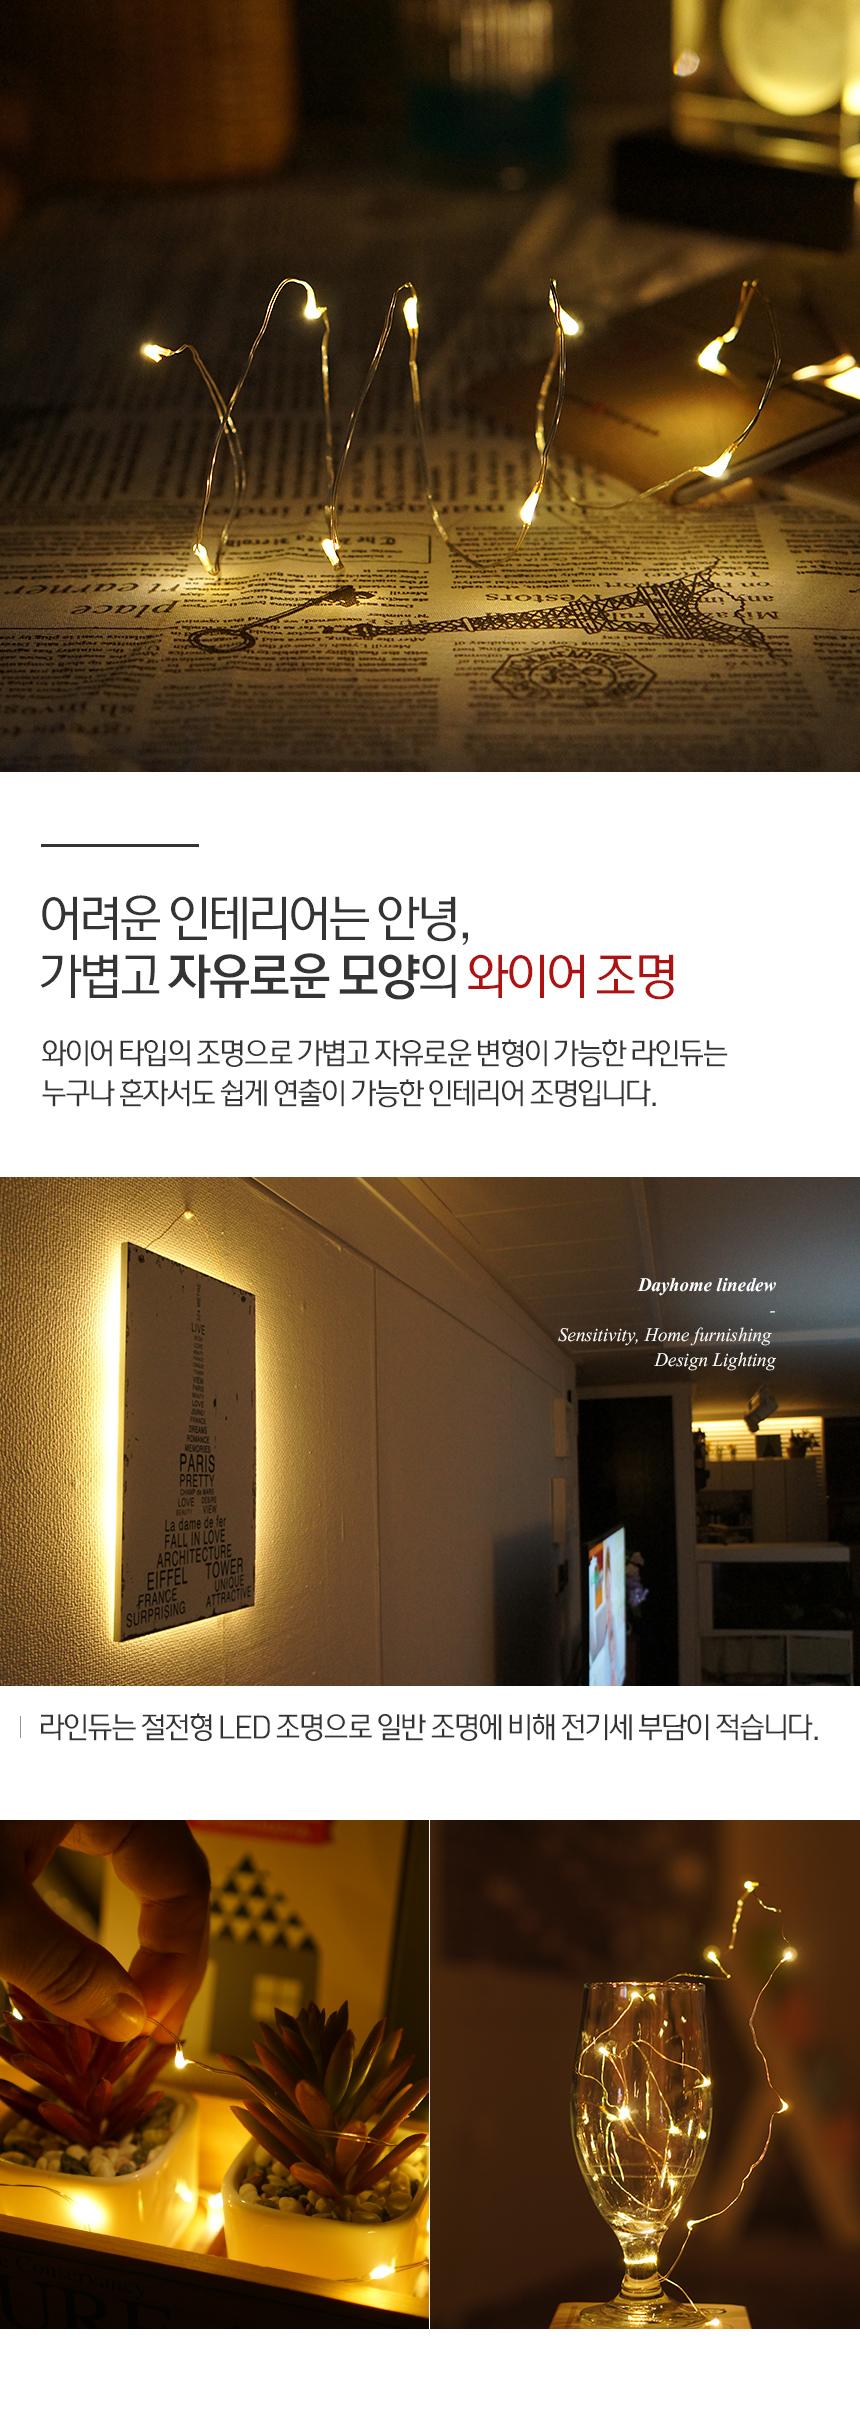 LED 감성조명 라인듀 건전지조명 C2 L2 - 데이홈, 3,900원, 리빙조명, 방등/천장등